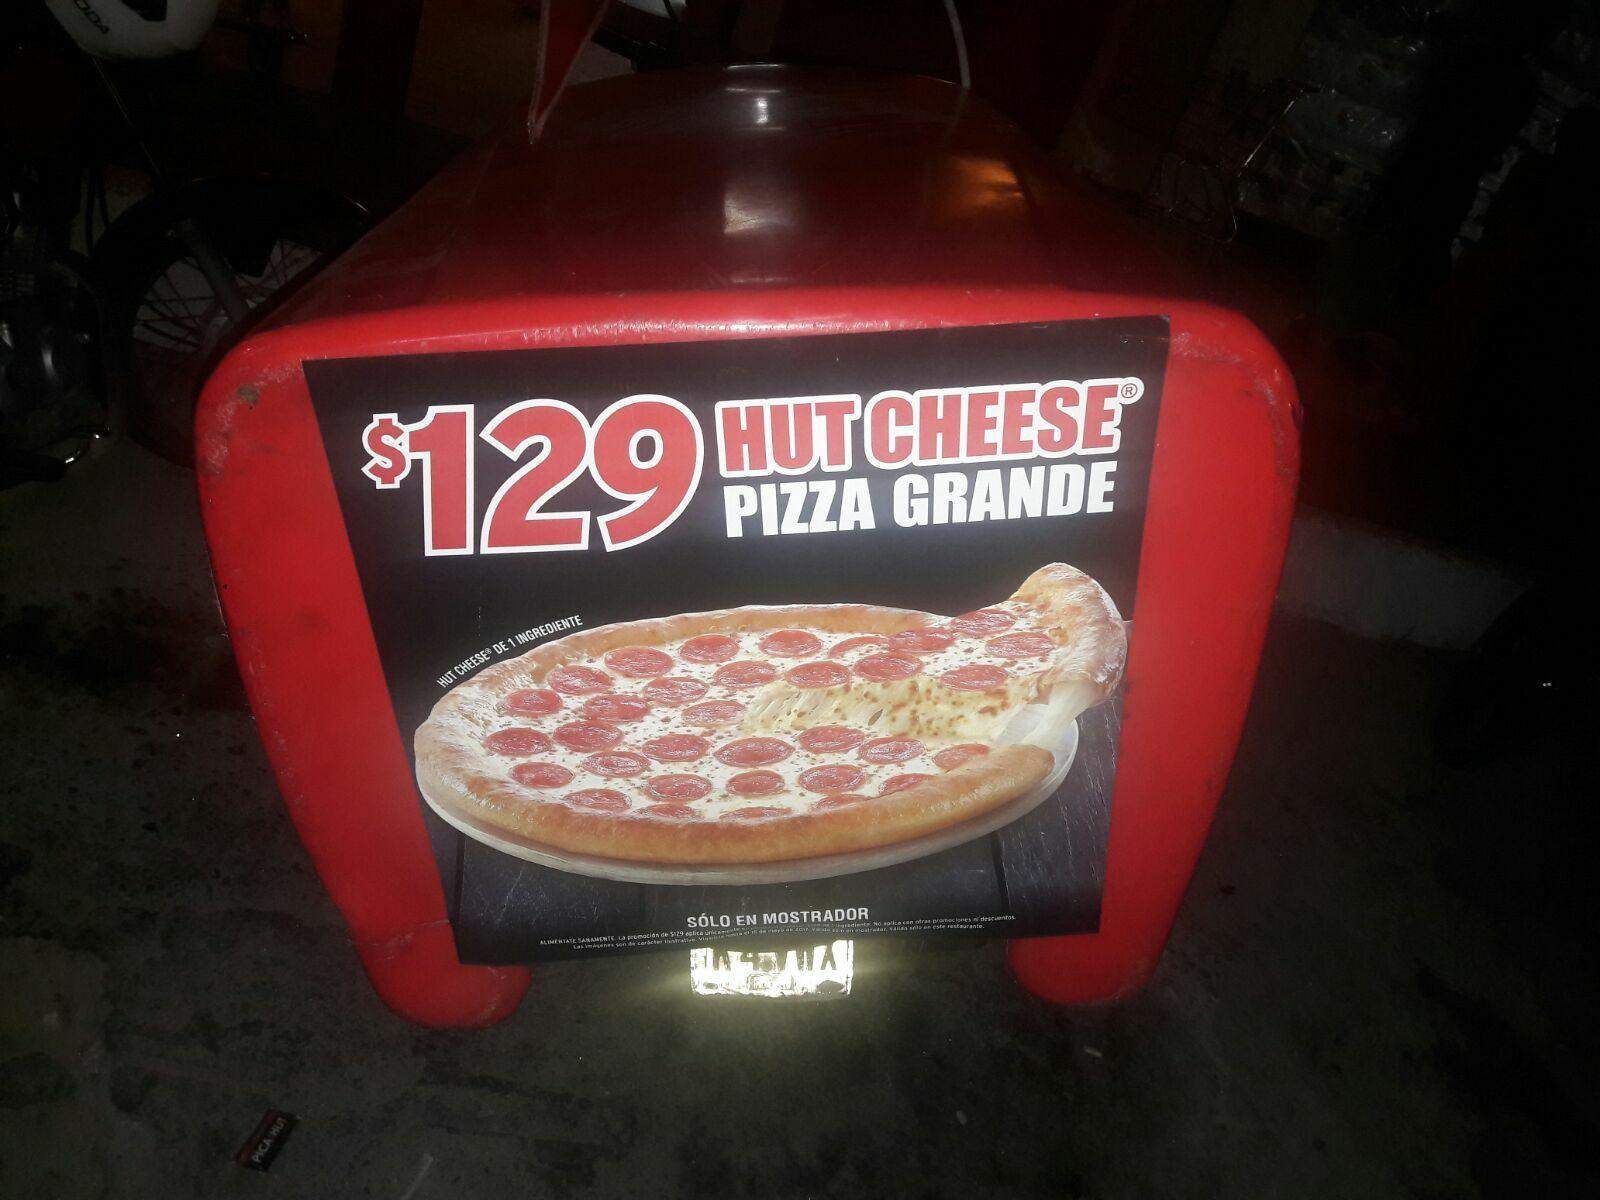 Pizza Hut: Hut cheese de un ingrediente 129